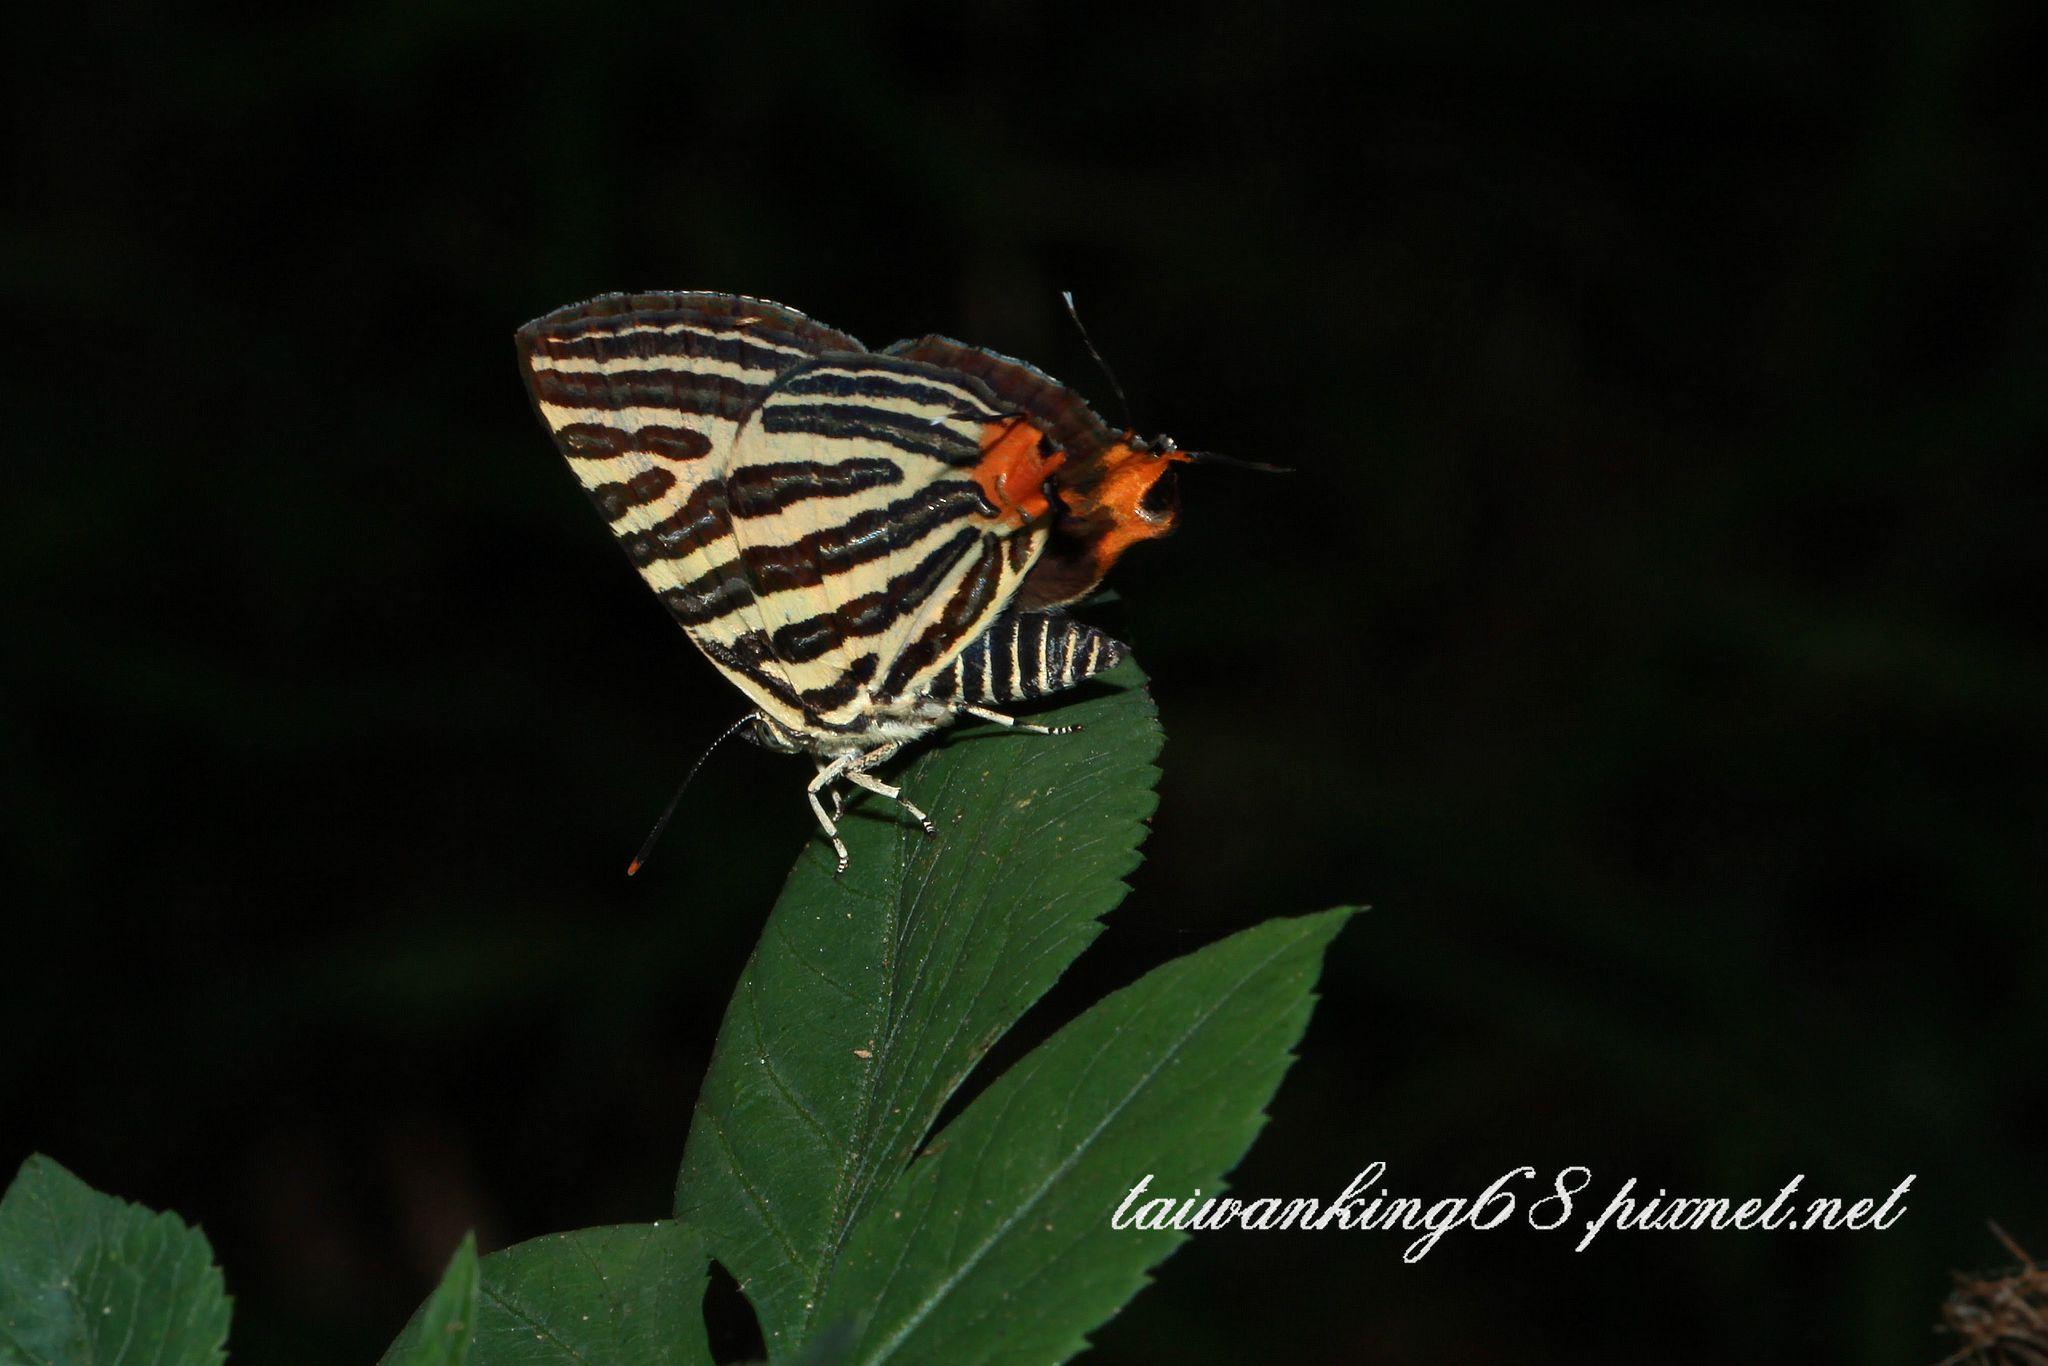 台灣雙尾燕蝶